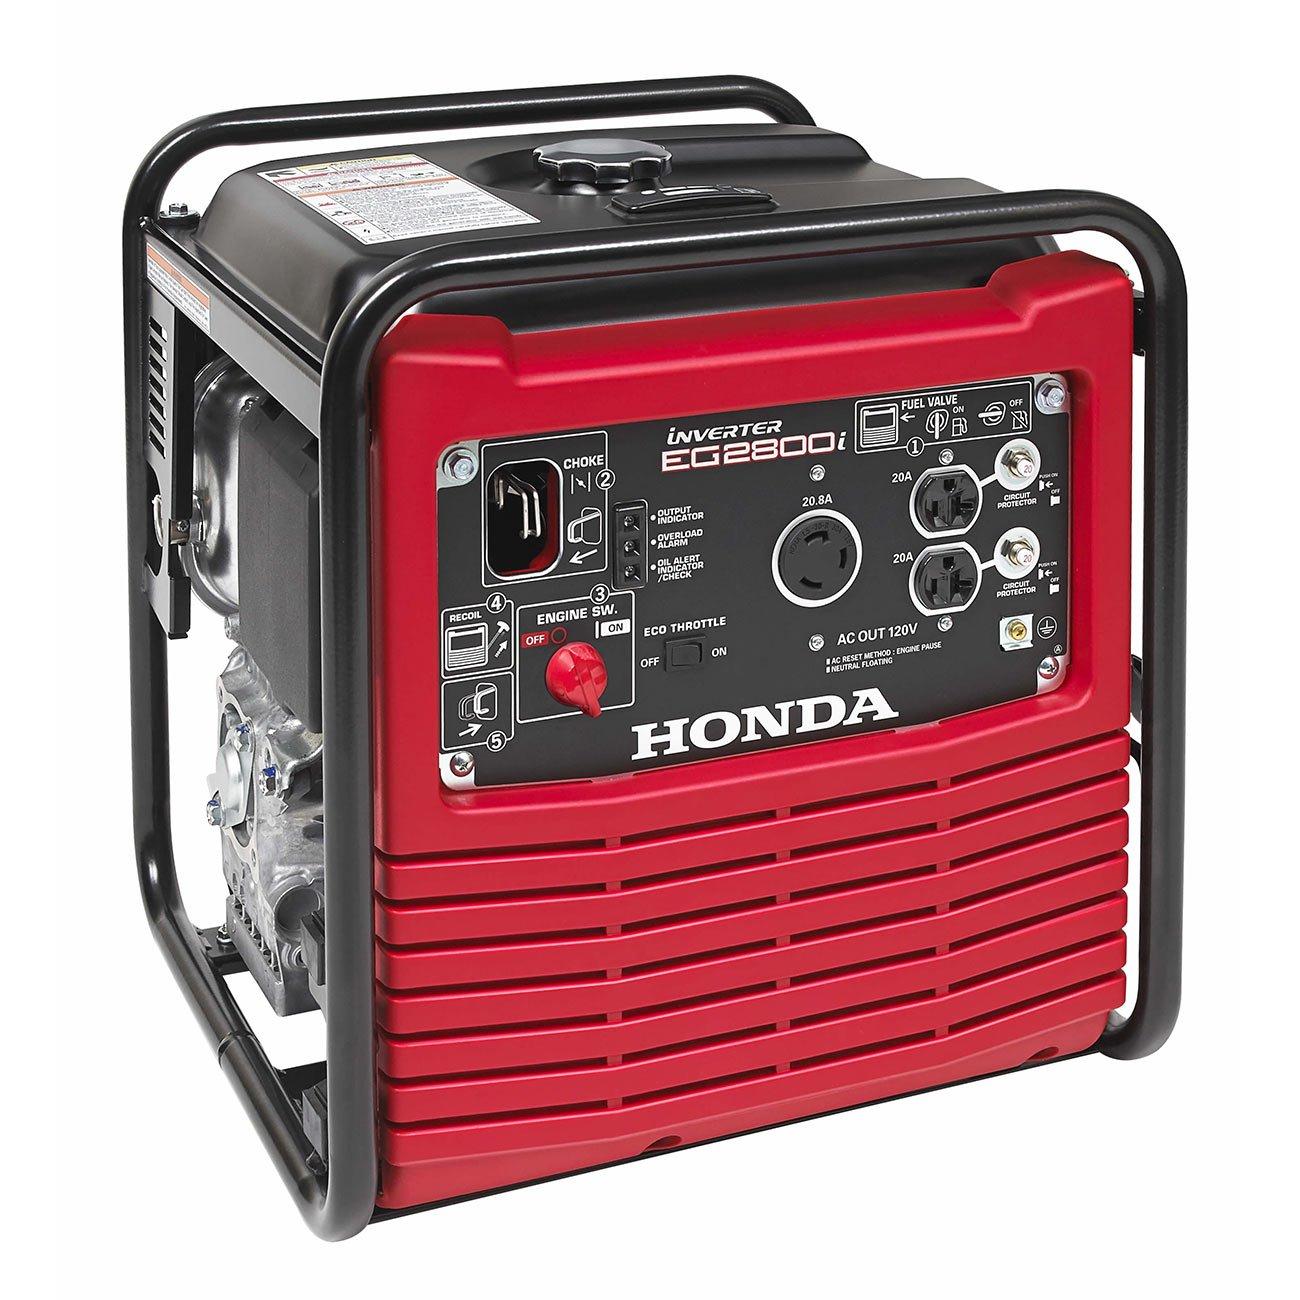 Honda de equipo eg2800ia 2800 W 120 V Full Frame portátil inversor ...